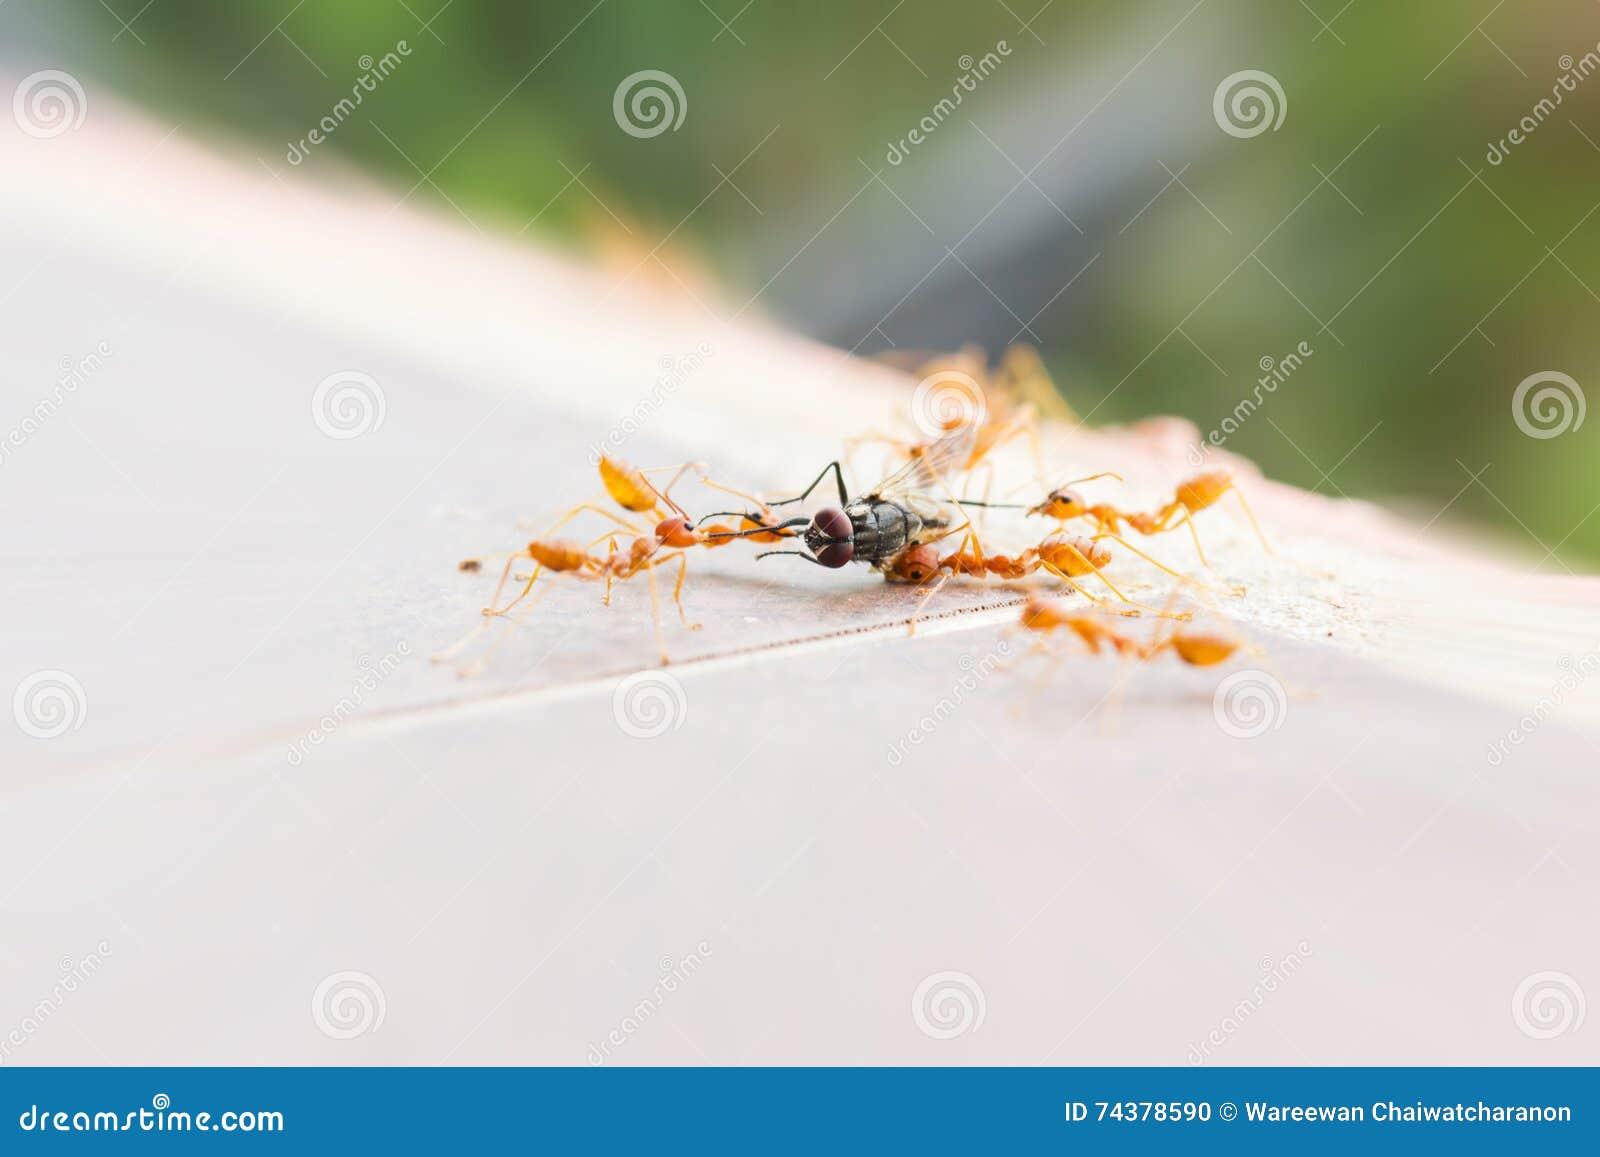 Tengo hormigas en casa elegant remedios naturales gana la - Cuanto dura la mala suerte ...